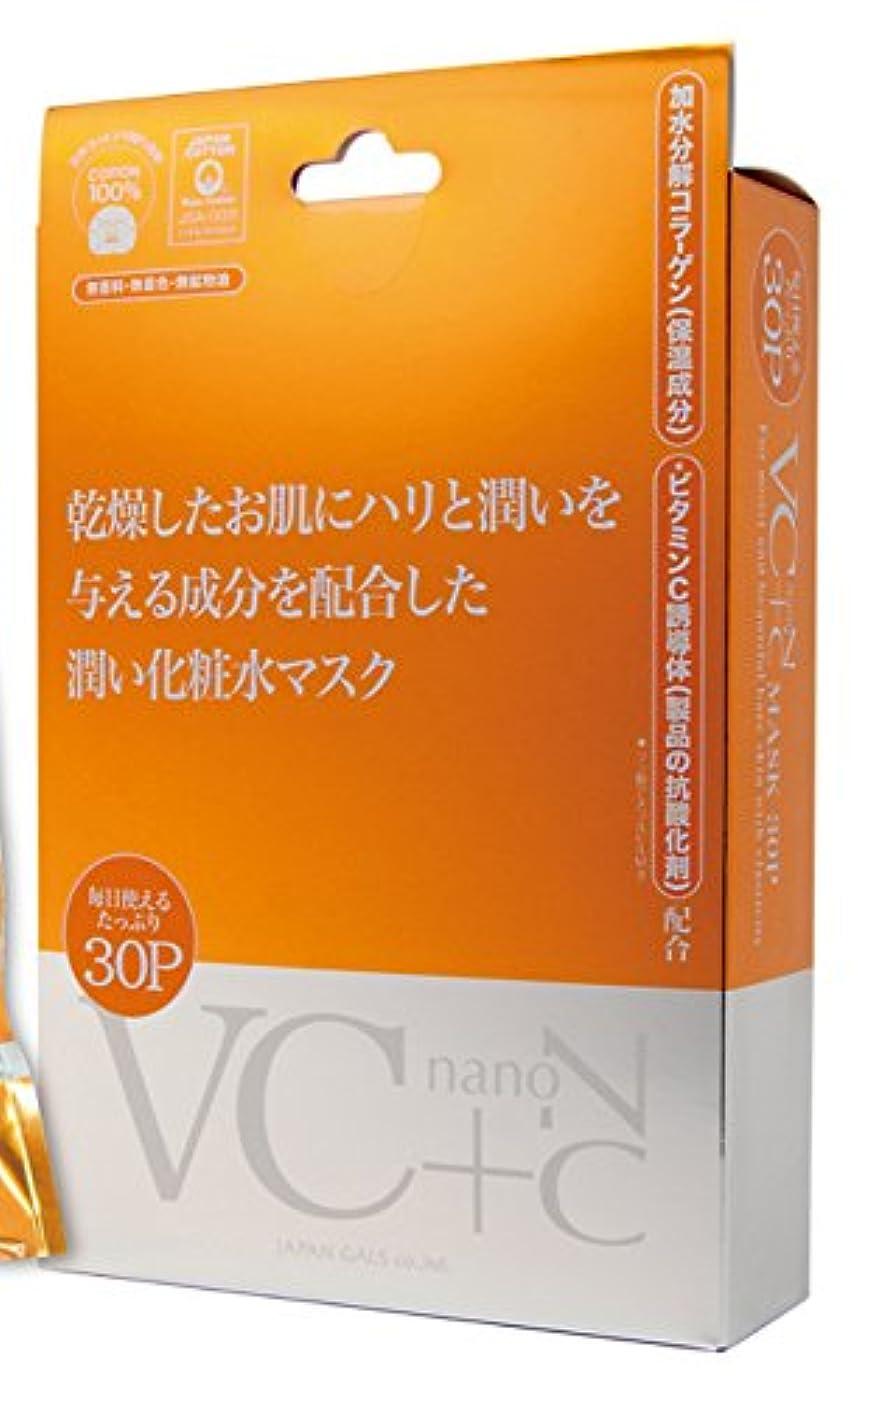 精度物思いにふける歯車ジャパンギャルズ VC+nanoC(ブイシープラスナノシー) マスク30P